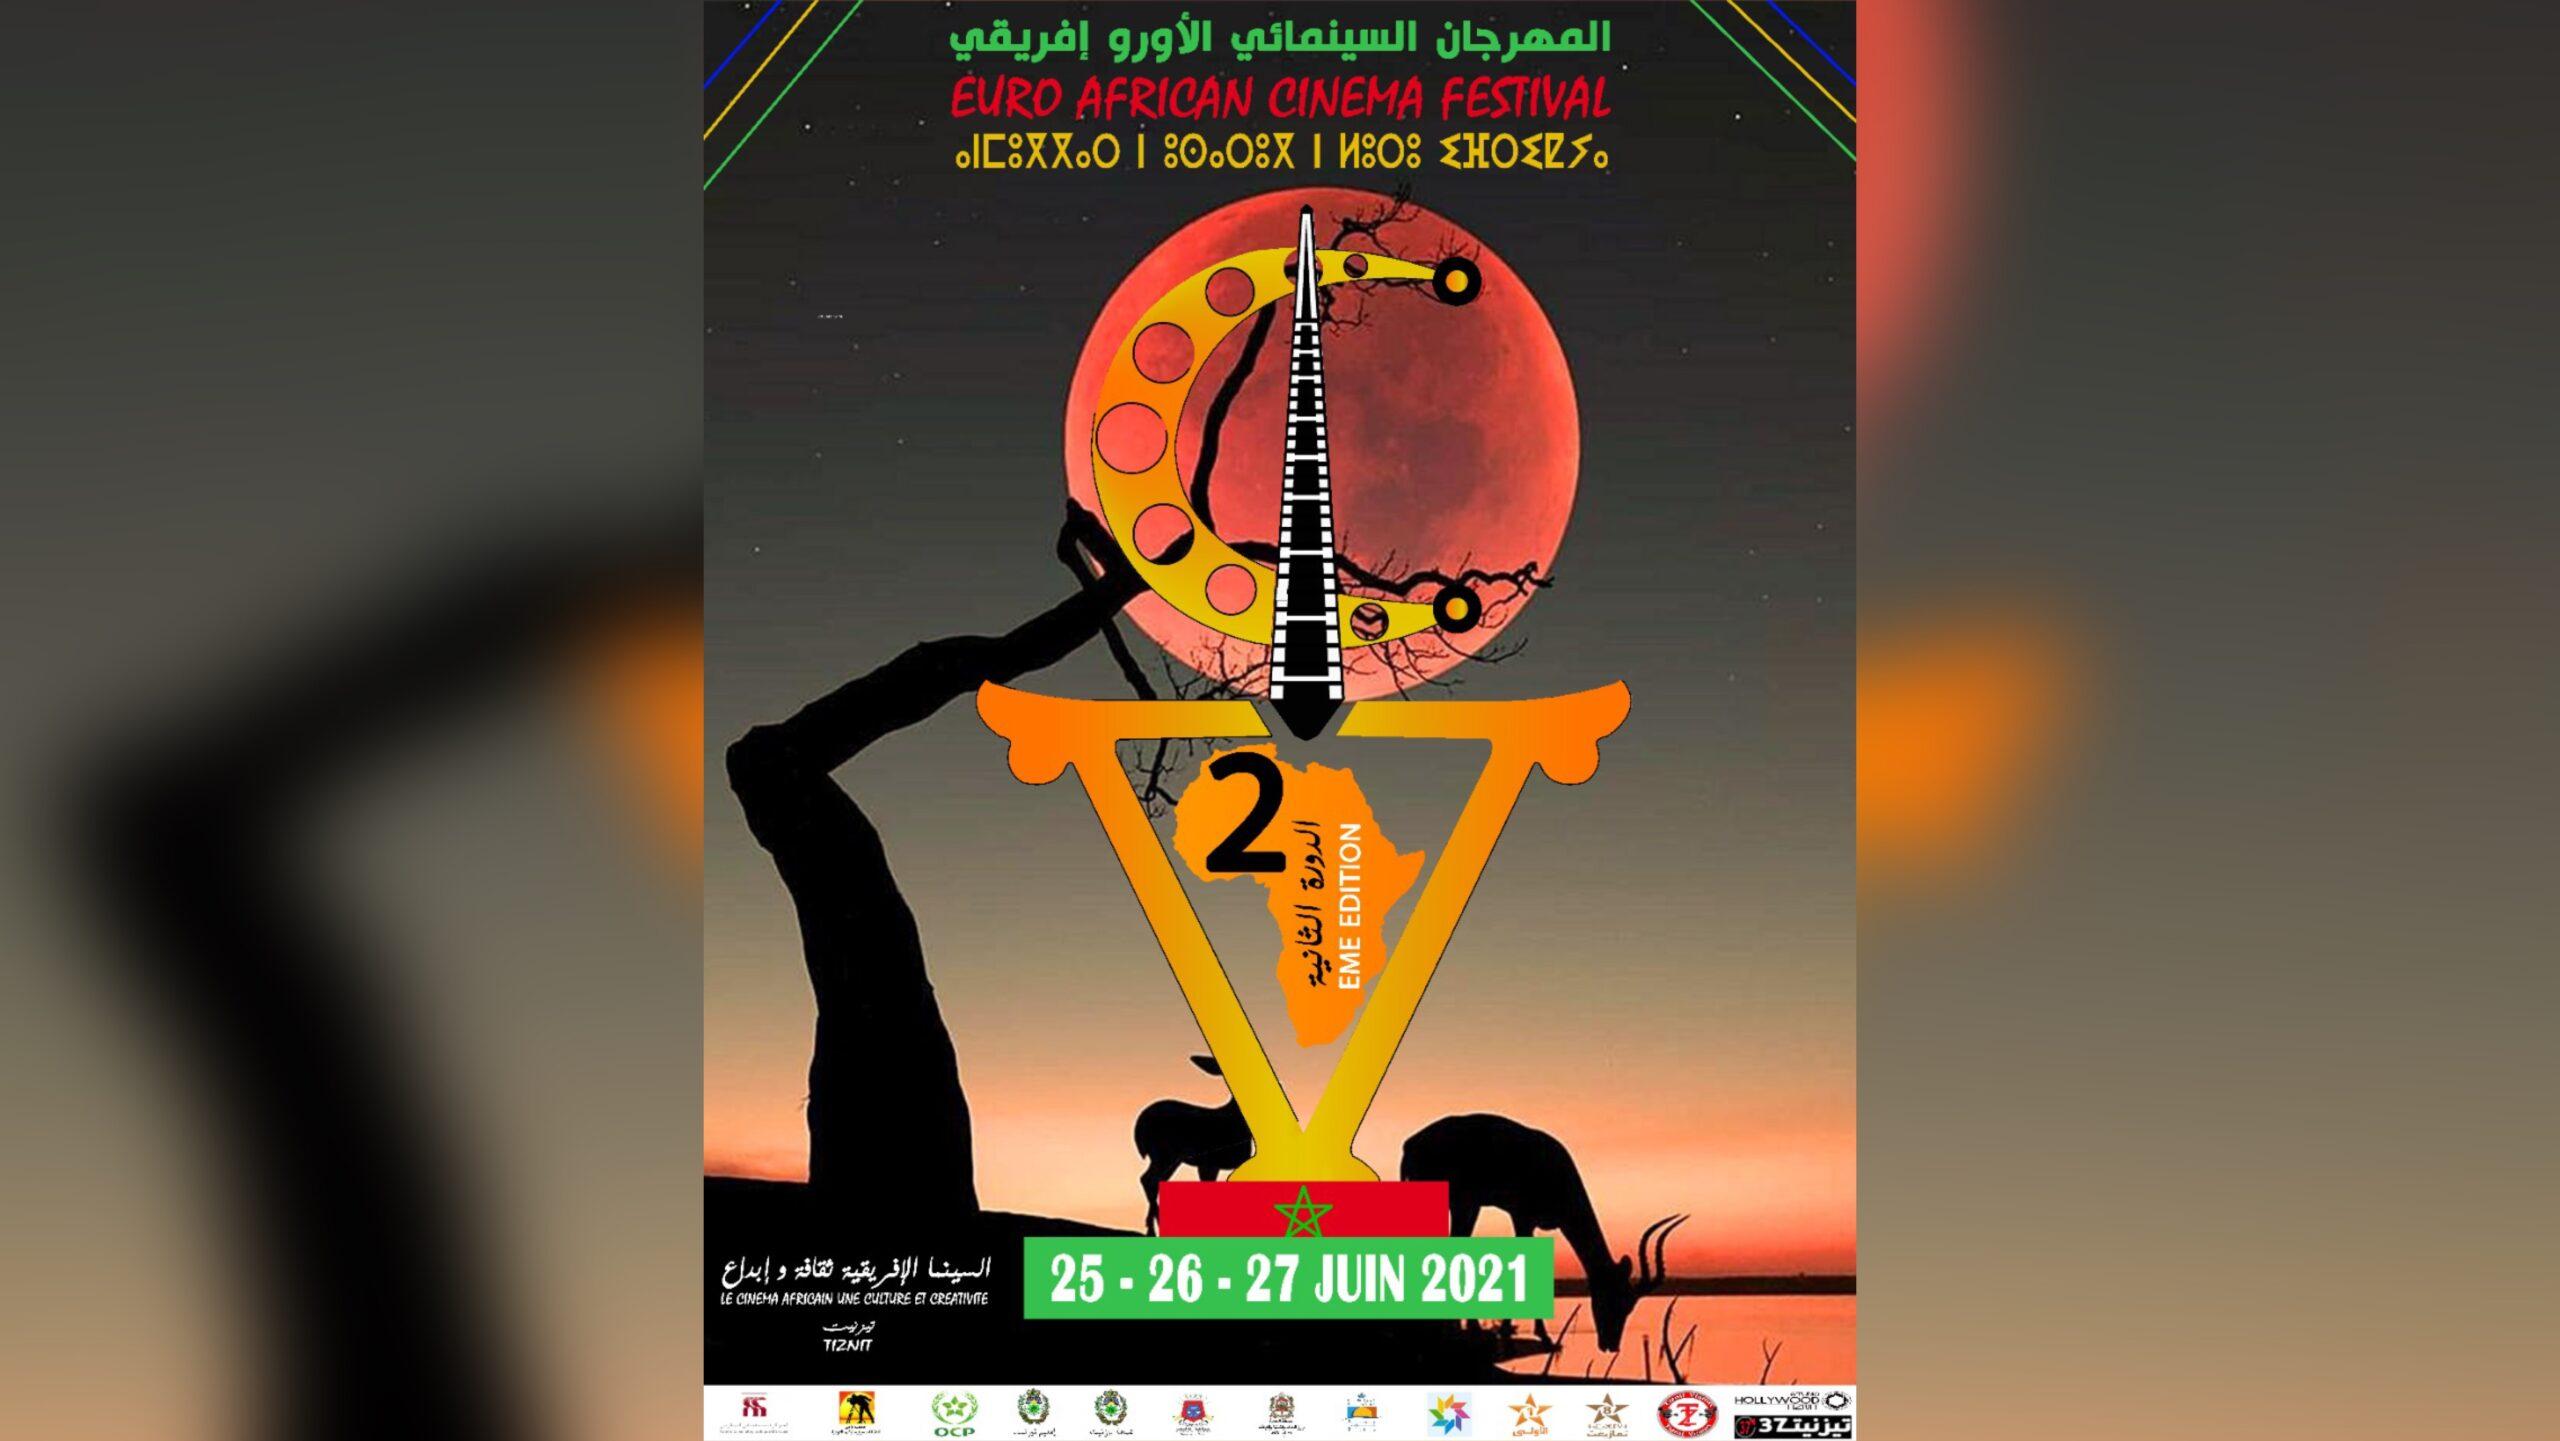 صورة تنظيم النسخة الثانية للمهرجان السينمائي الأورو افريقي بتزنيت